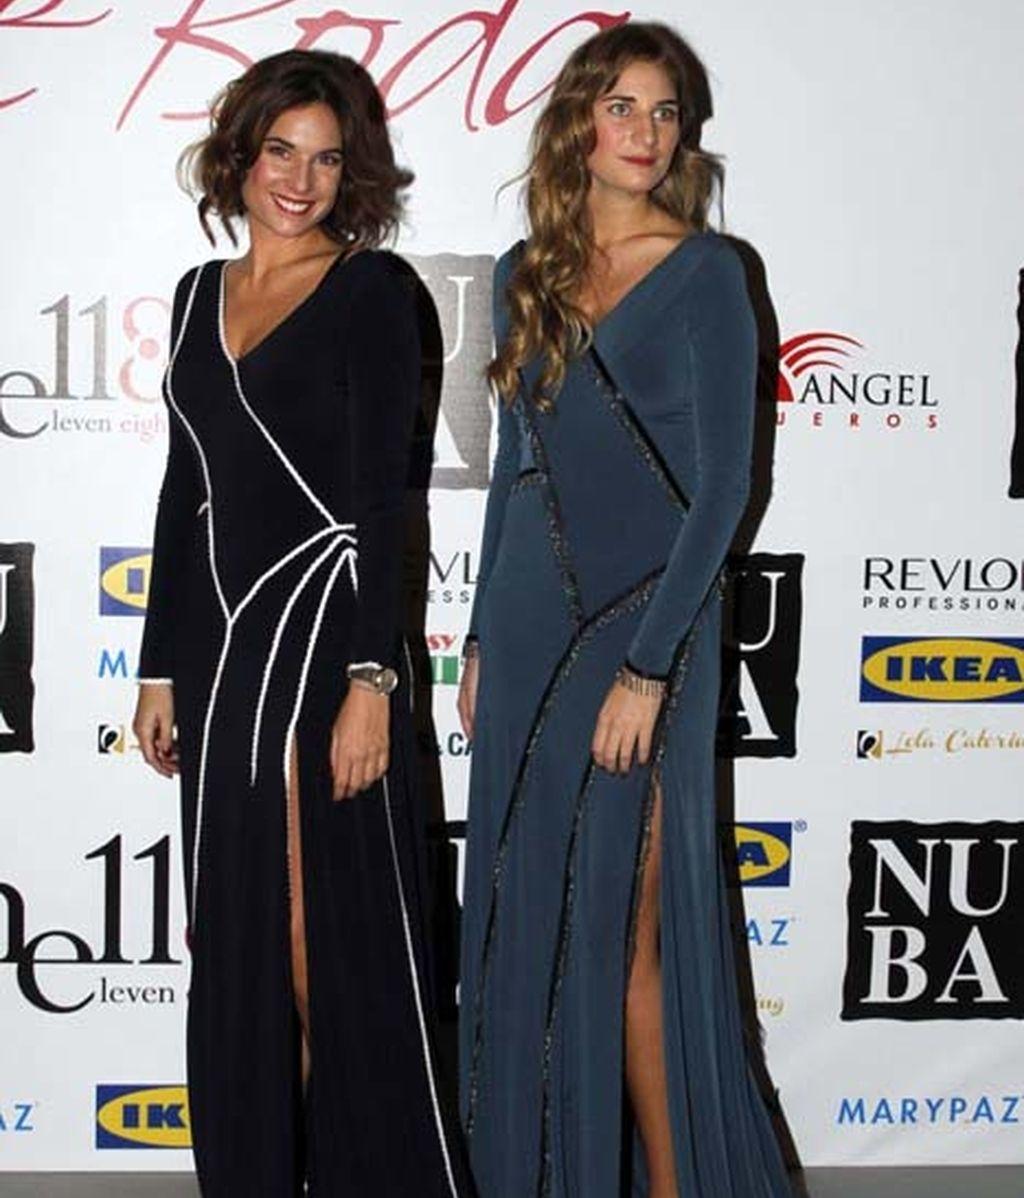 Las hermanas Lourdes y Sibi Montes se alían bajo la marca 'Analilen'